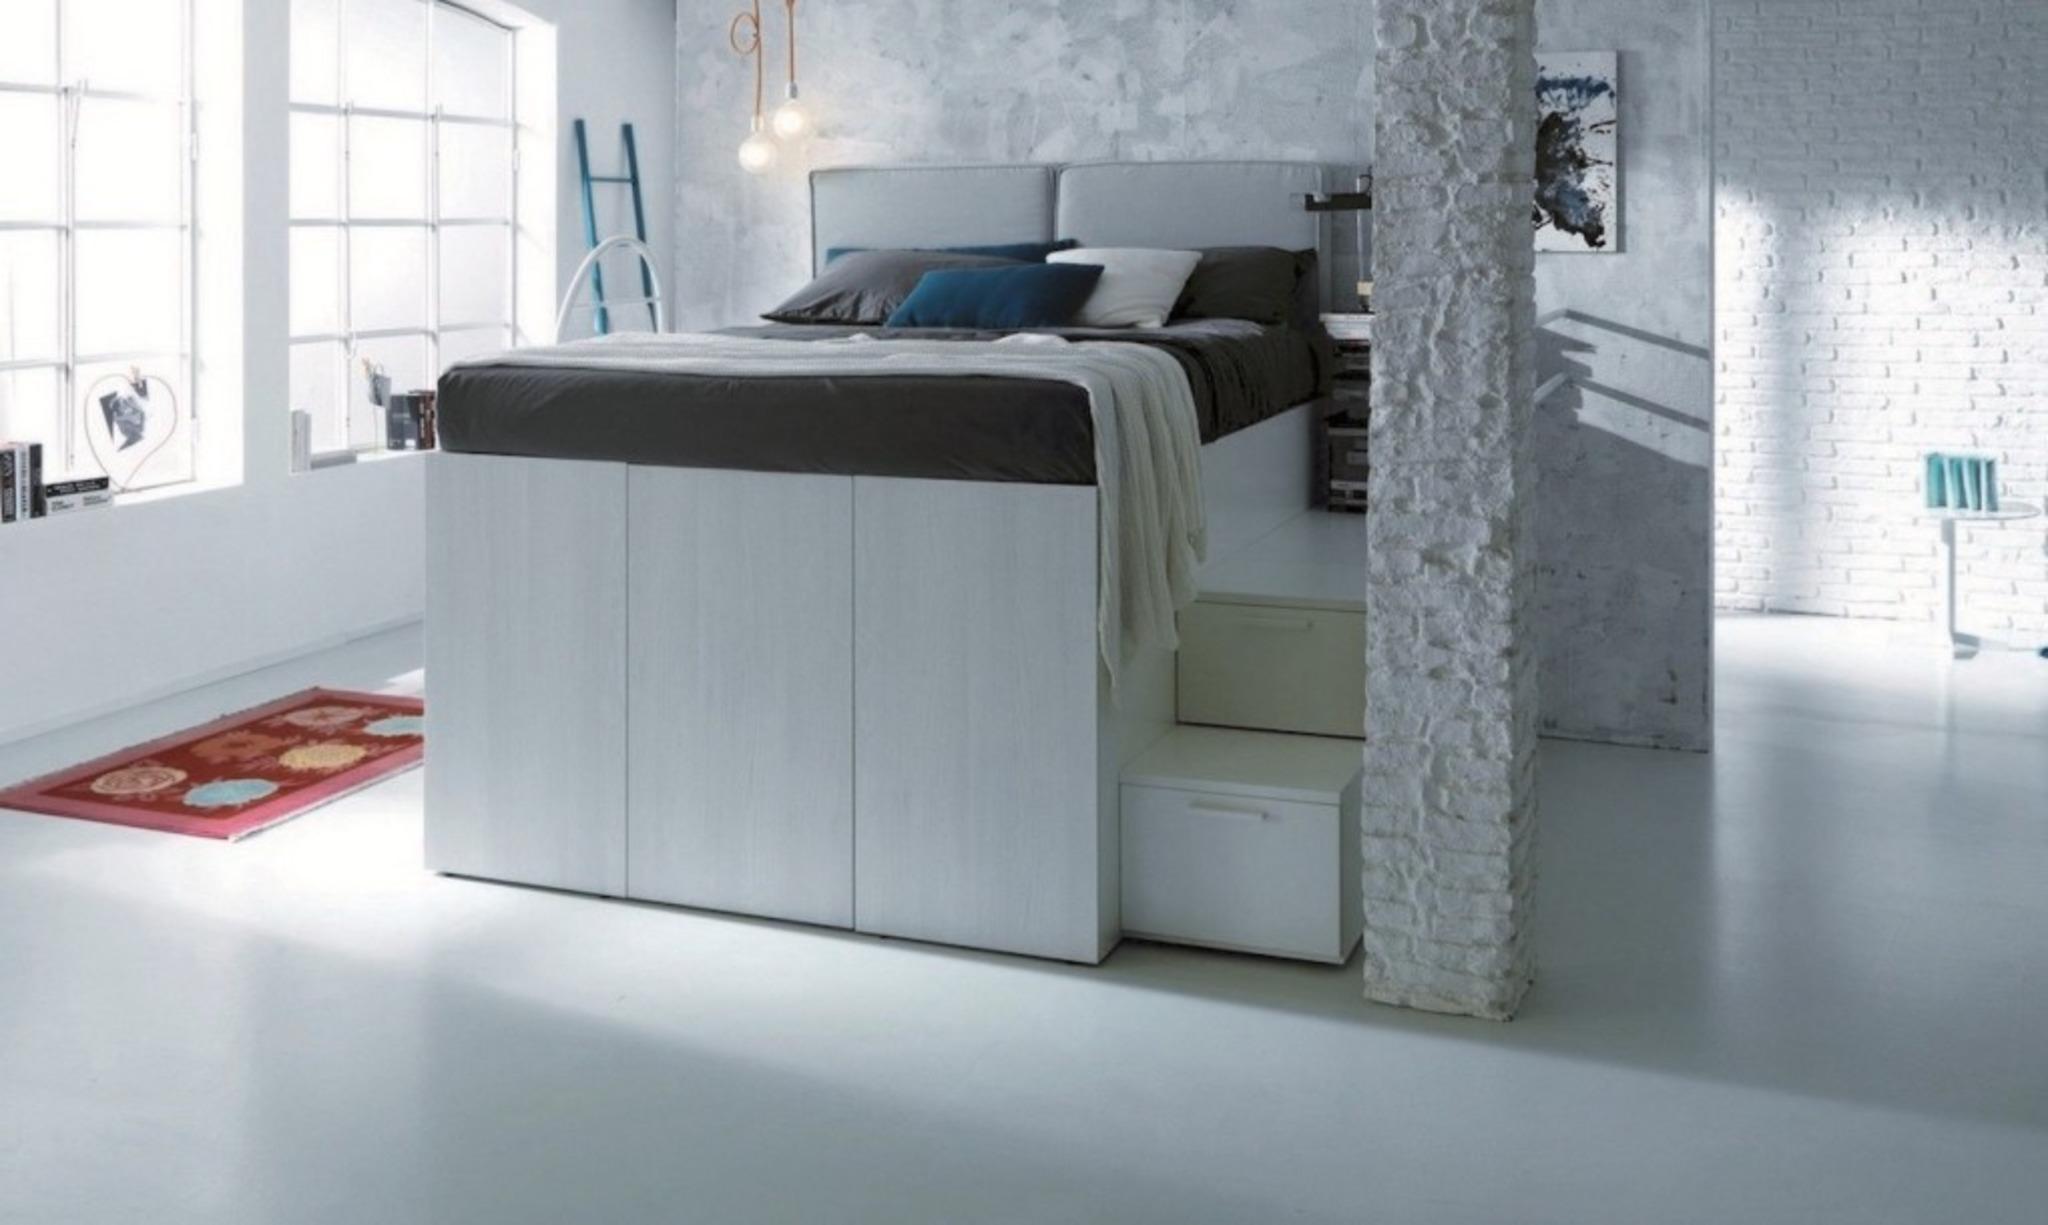 Dieses Platzsparende Bett Ist Auch Ein Begehbarer Schrank Baden